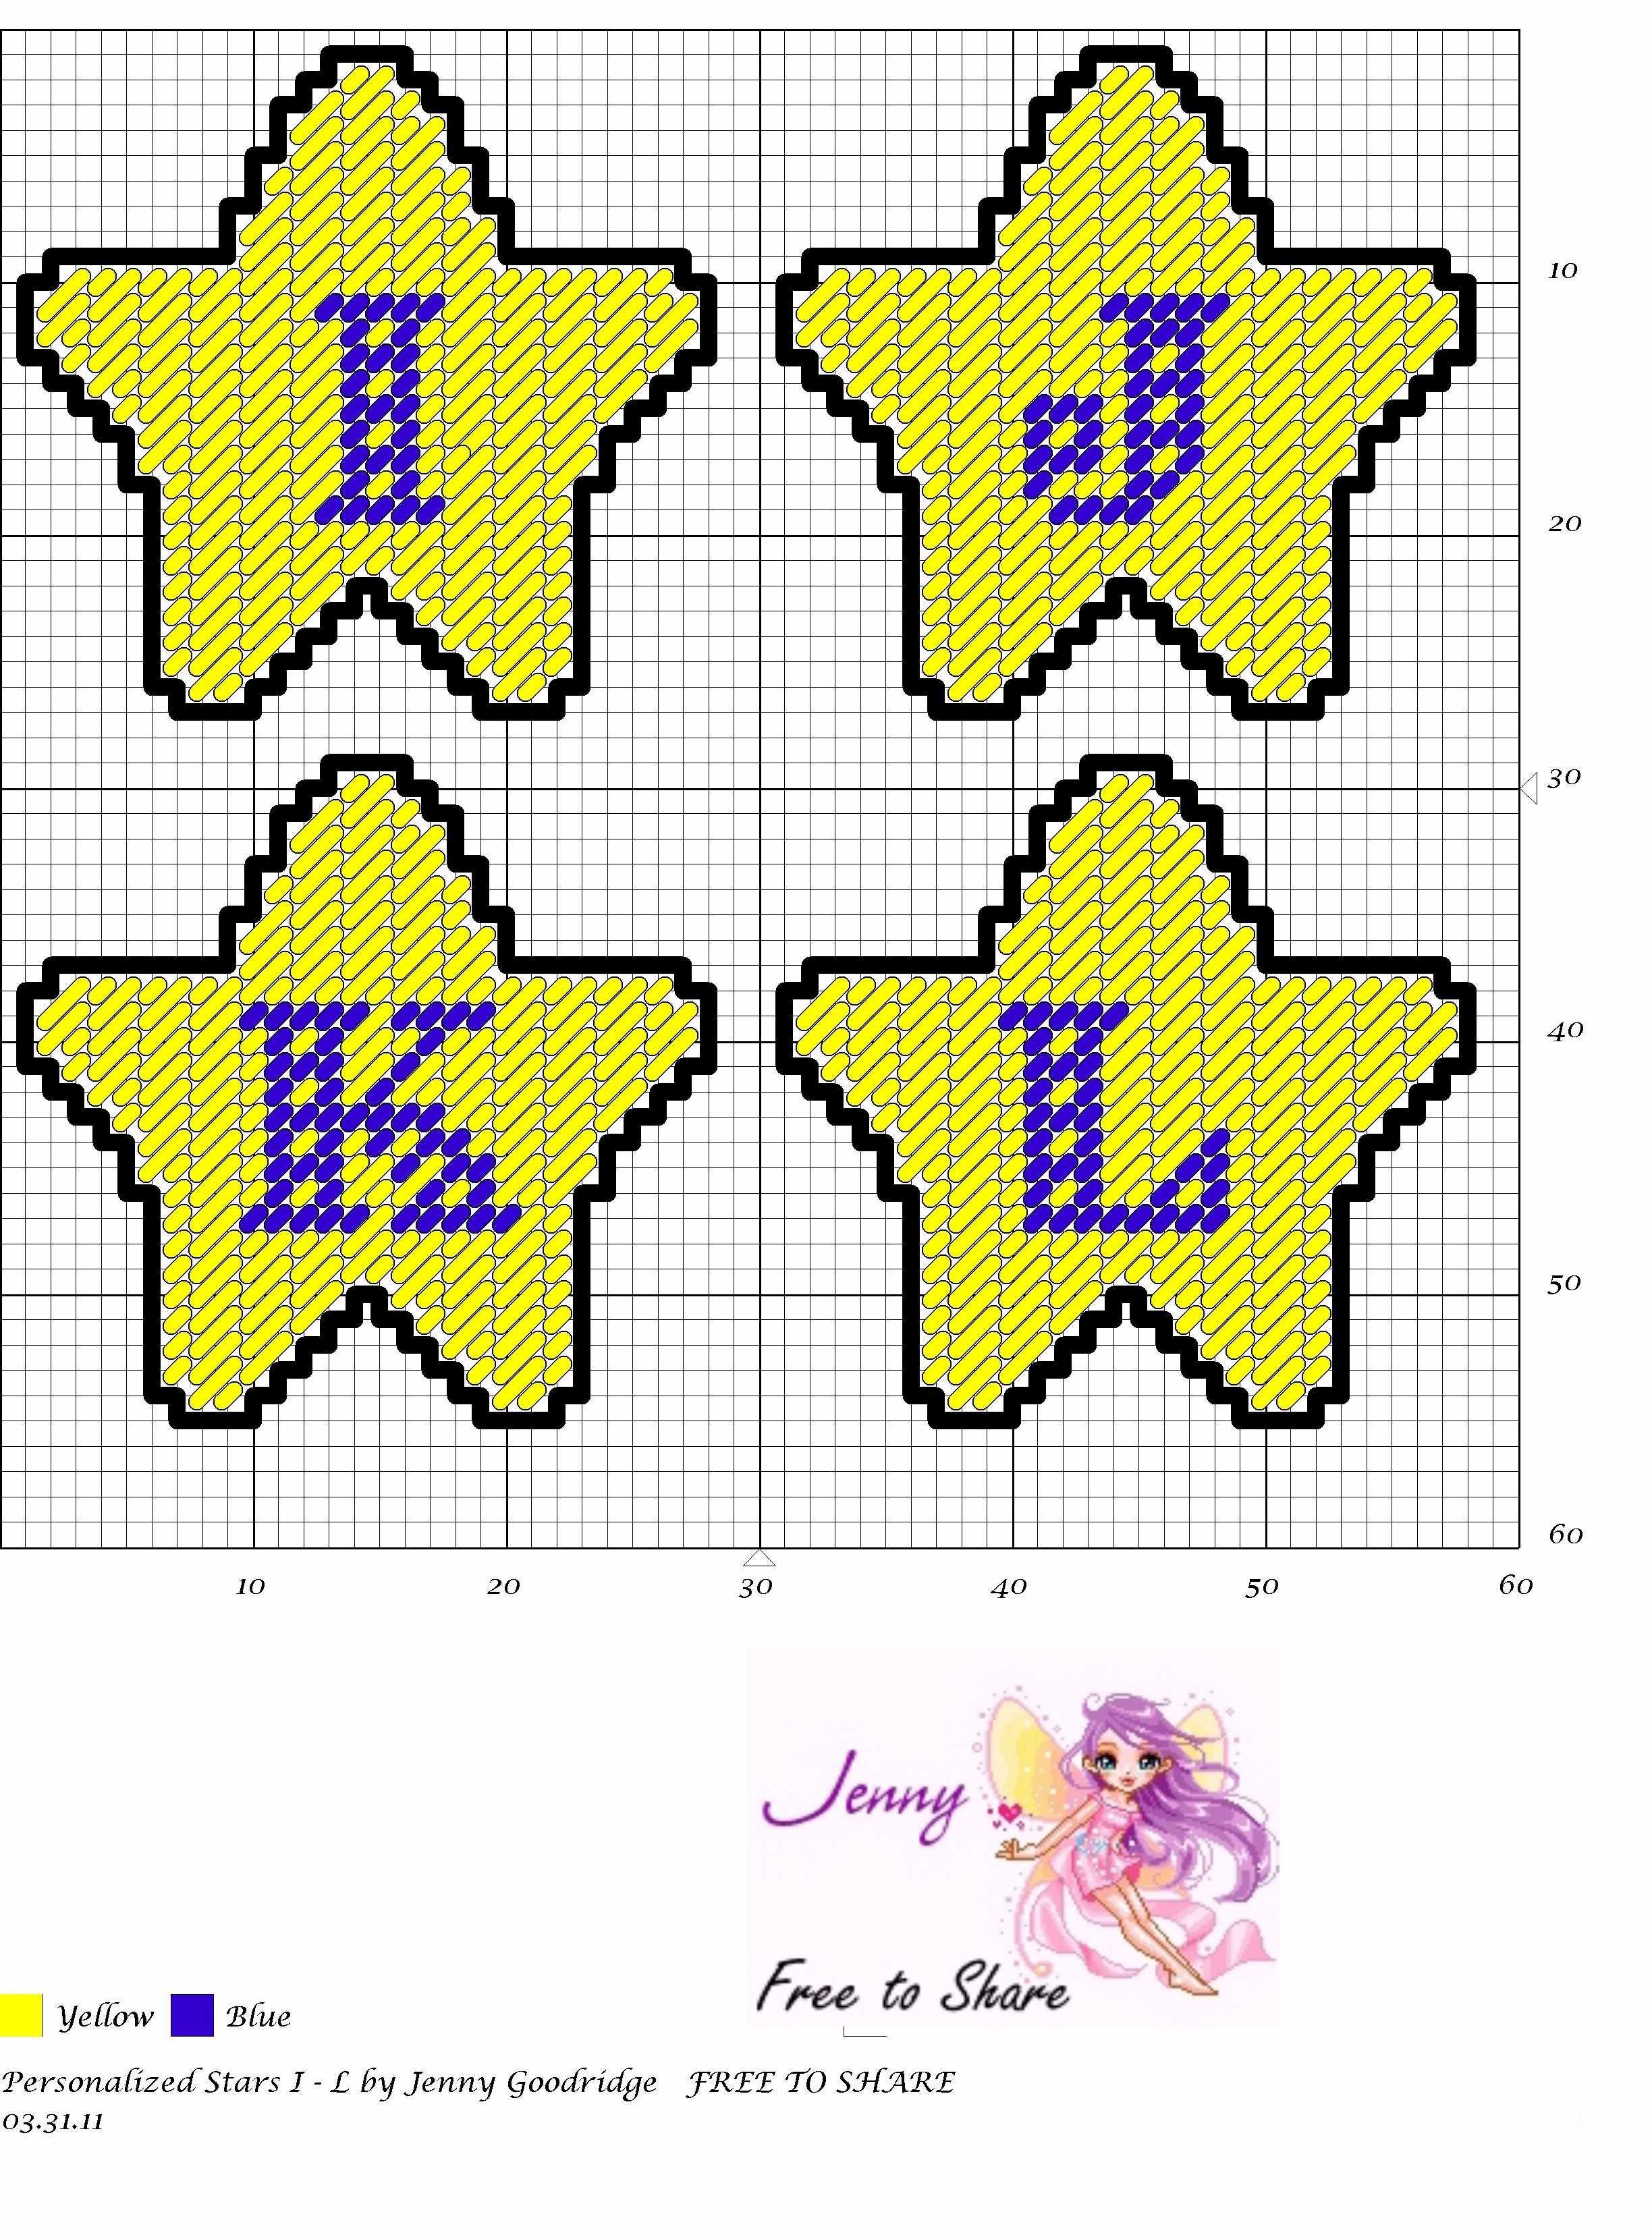 Personalized Stars I-L | sports | Pinterest | Plastic canvas, Star ...